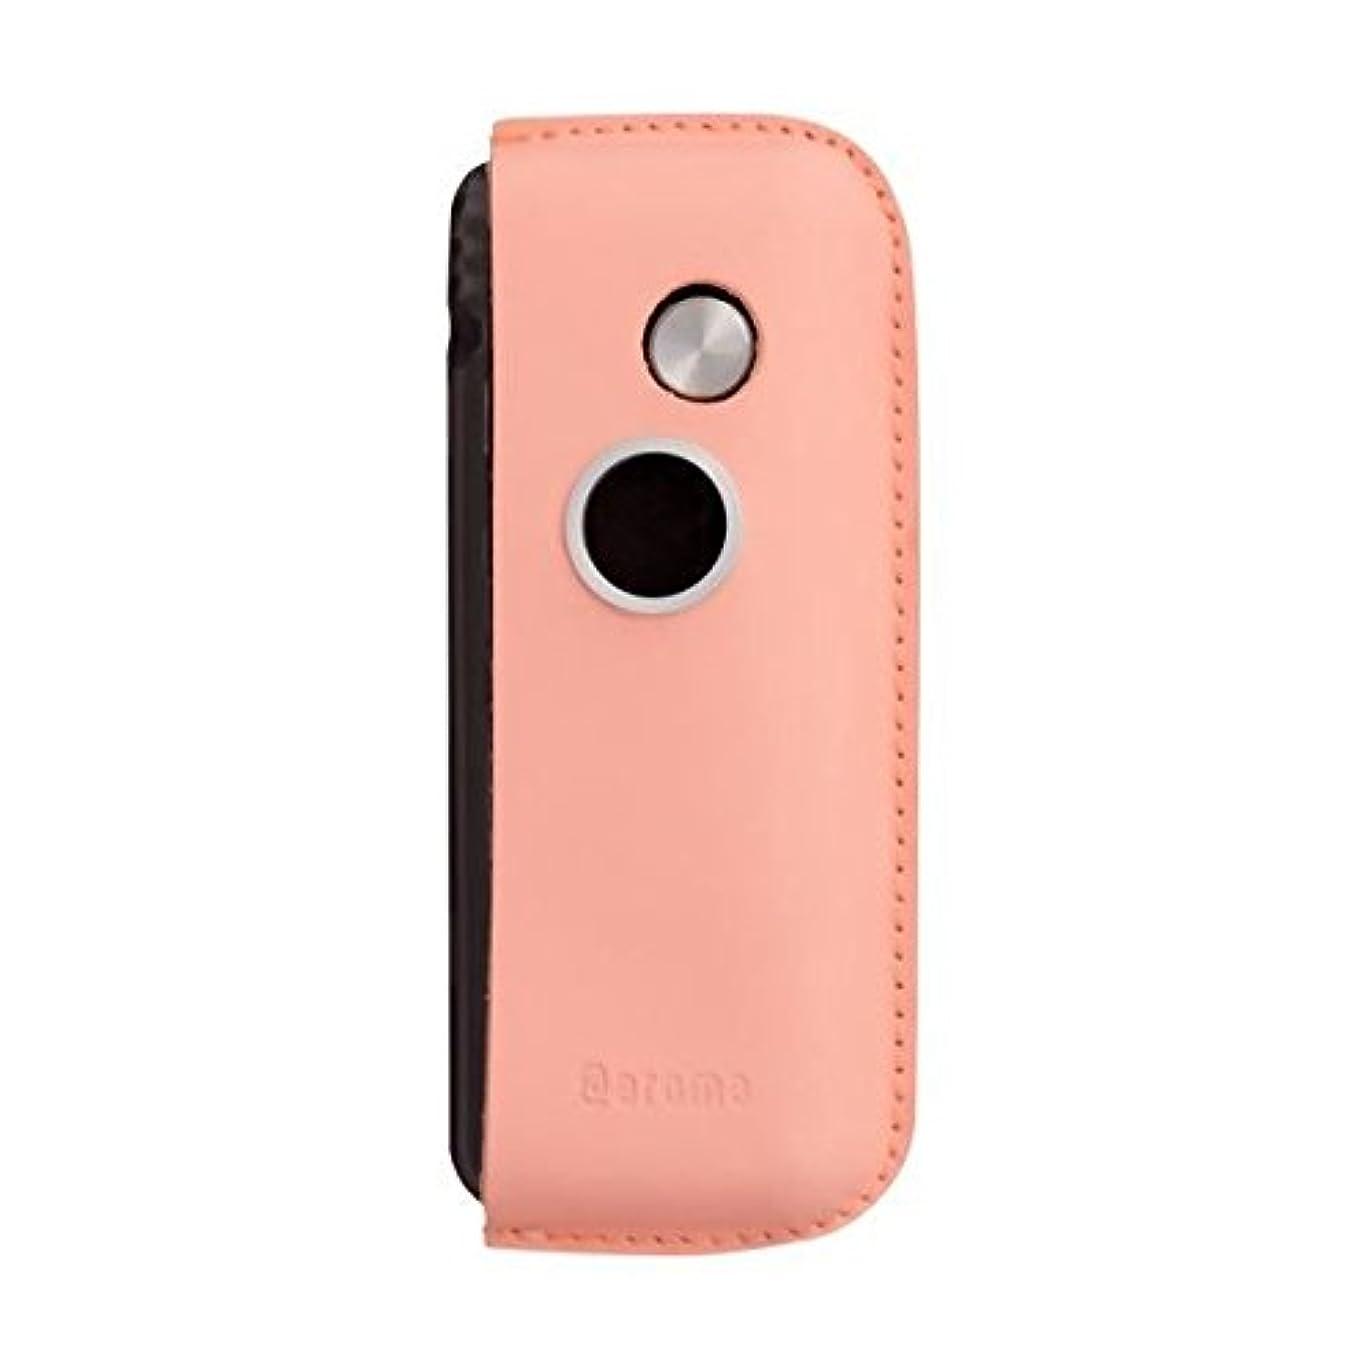 くるくるプラットフォーム振るうファンファン(ピンク)&人気のアロマset【モバイルディフューザー funfan+AromaOil】mobile diffuser (Sunsine)